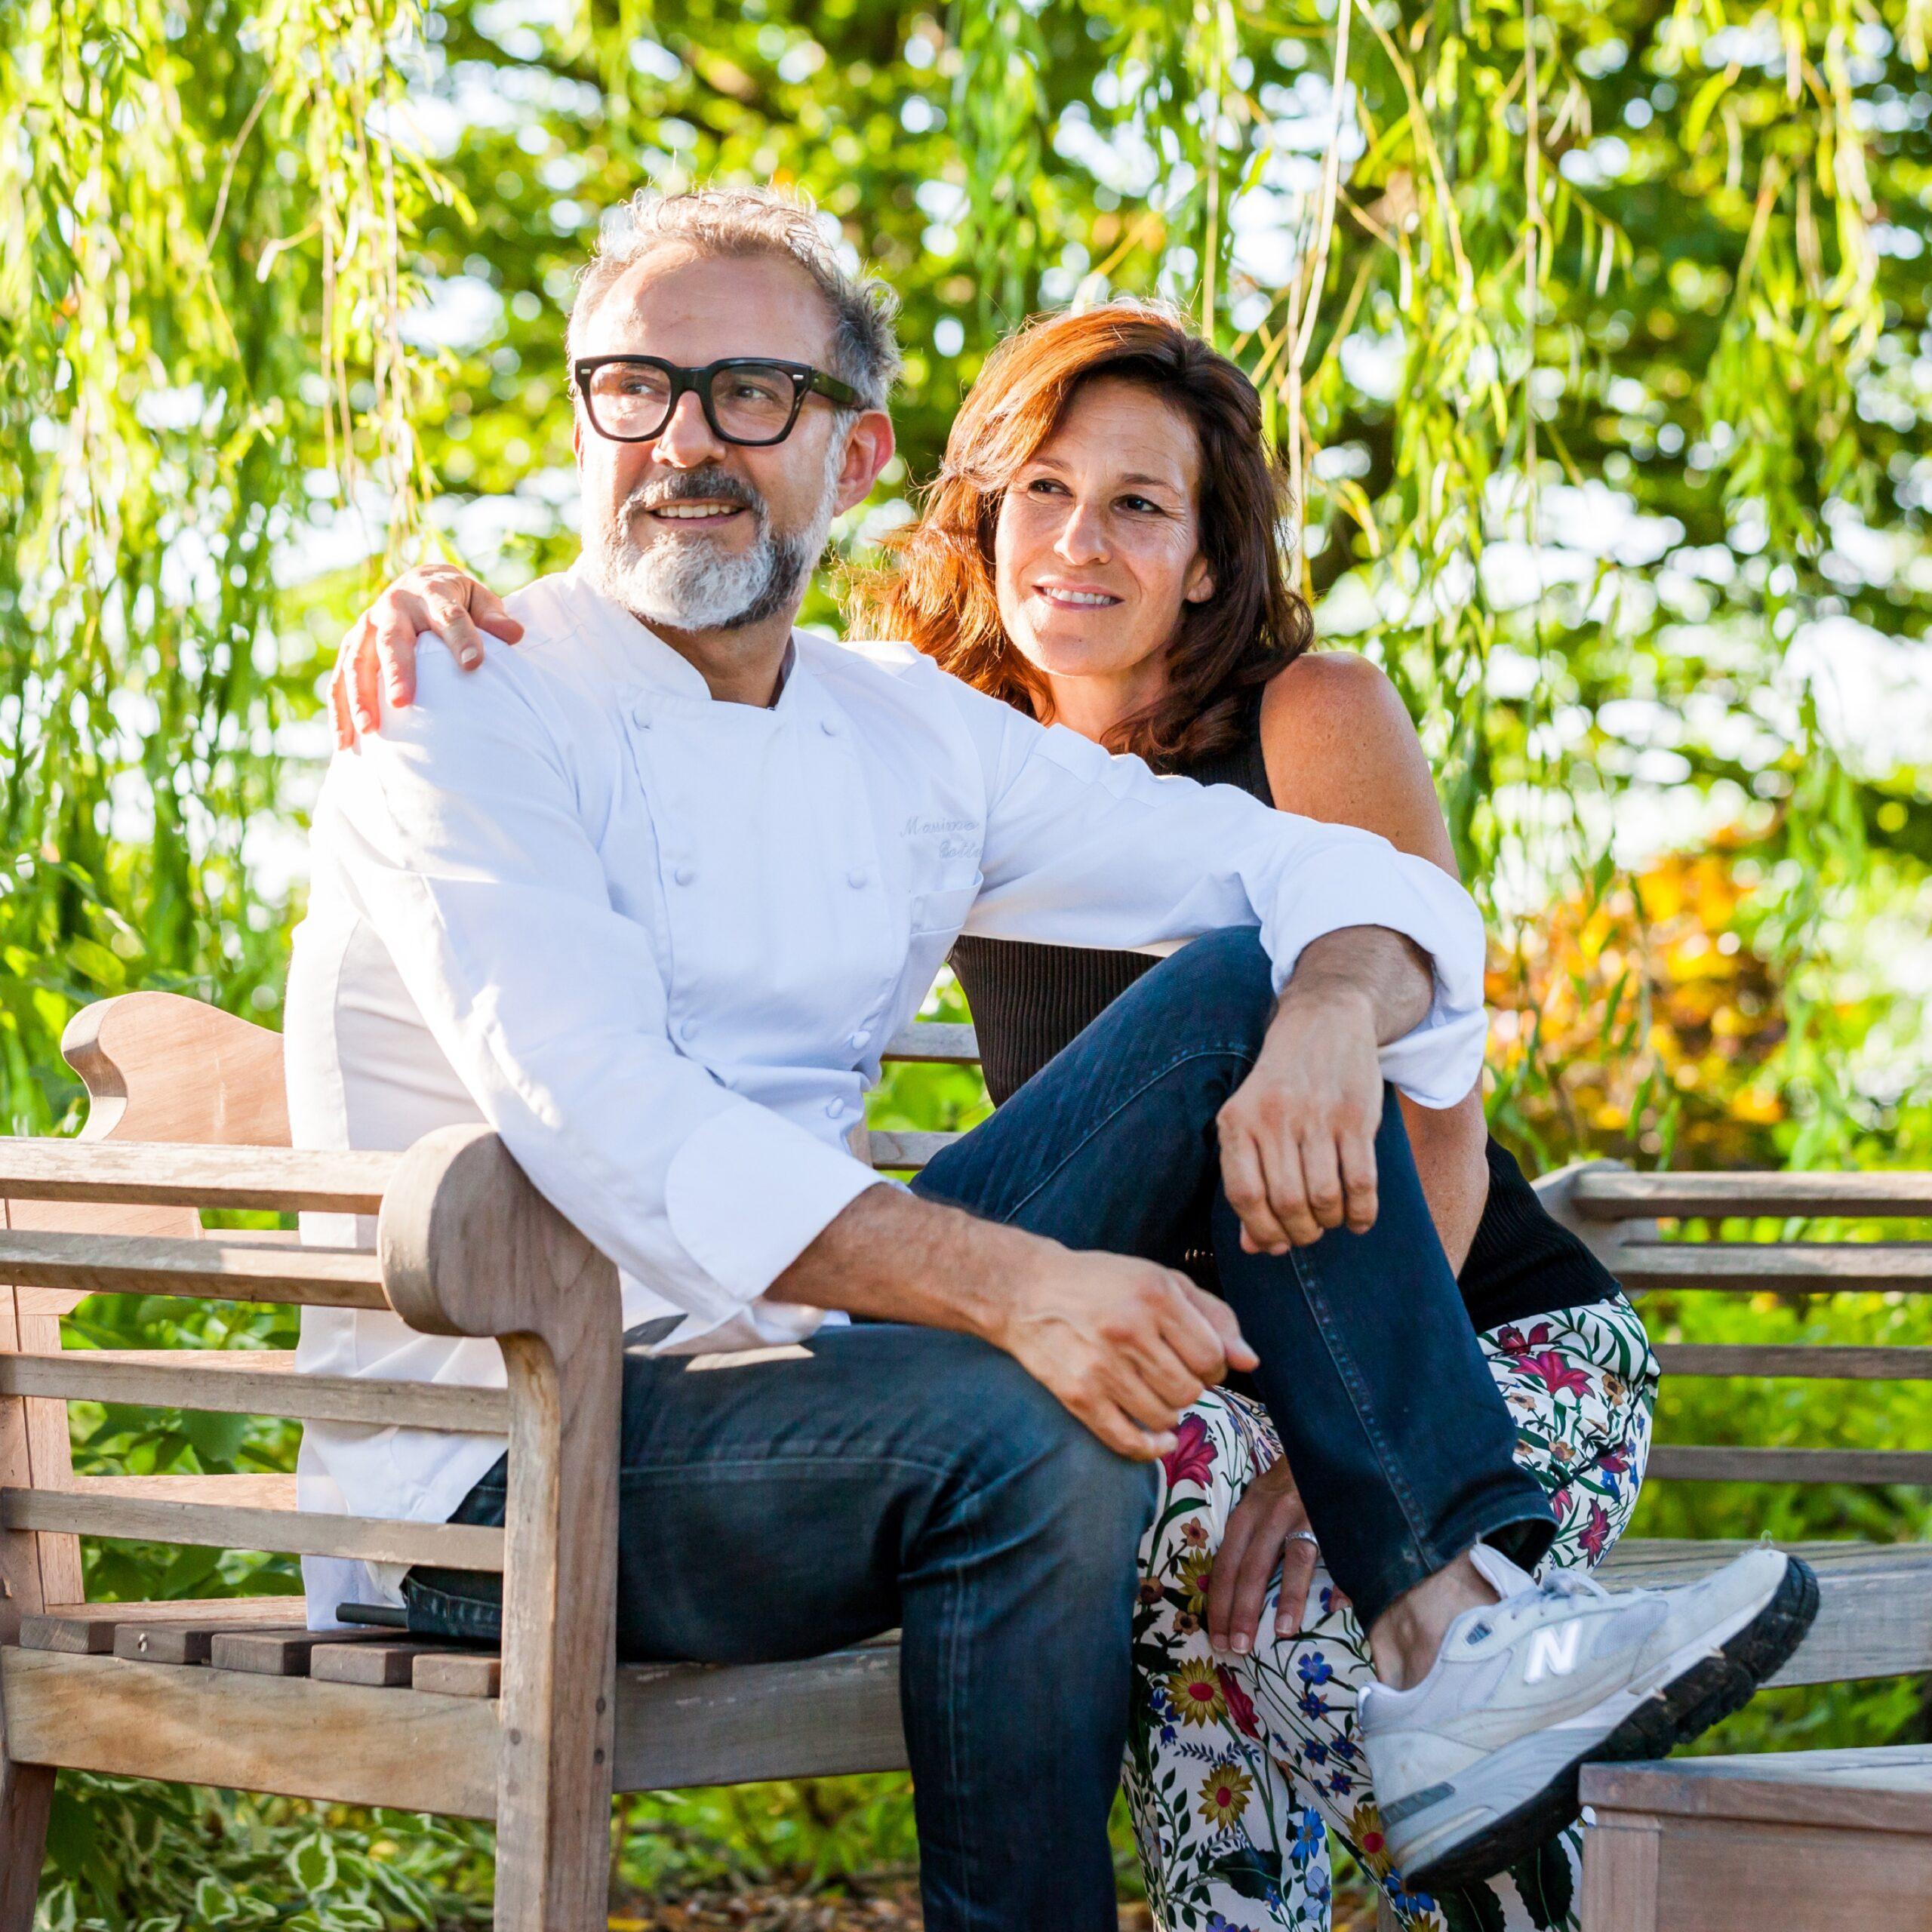 Fundación Palace, Refettorio Mérida, Massimo Bottura, Lara Gilmore, Vaughn Lowery, 360 Magazine,